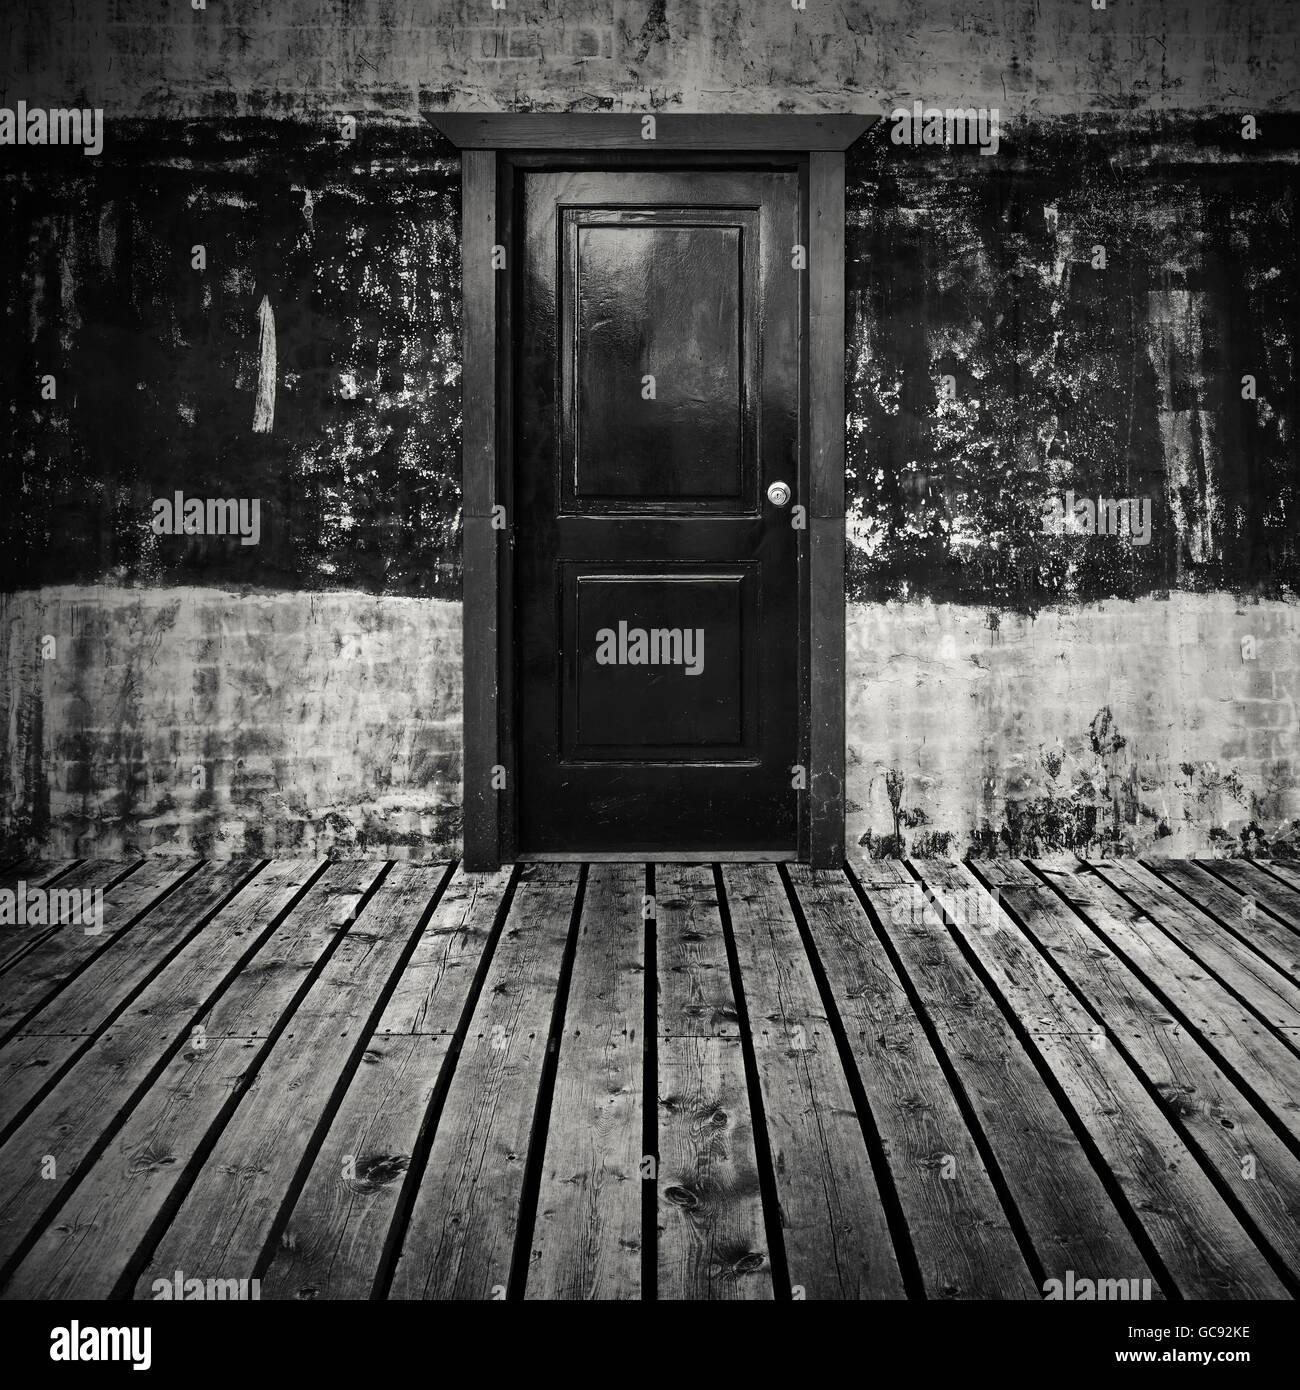 Abstrakte Leeren Dunklen Raum Innen Hintergrund Mit Grauen Holzboden